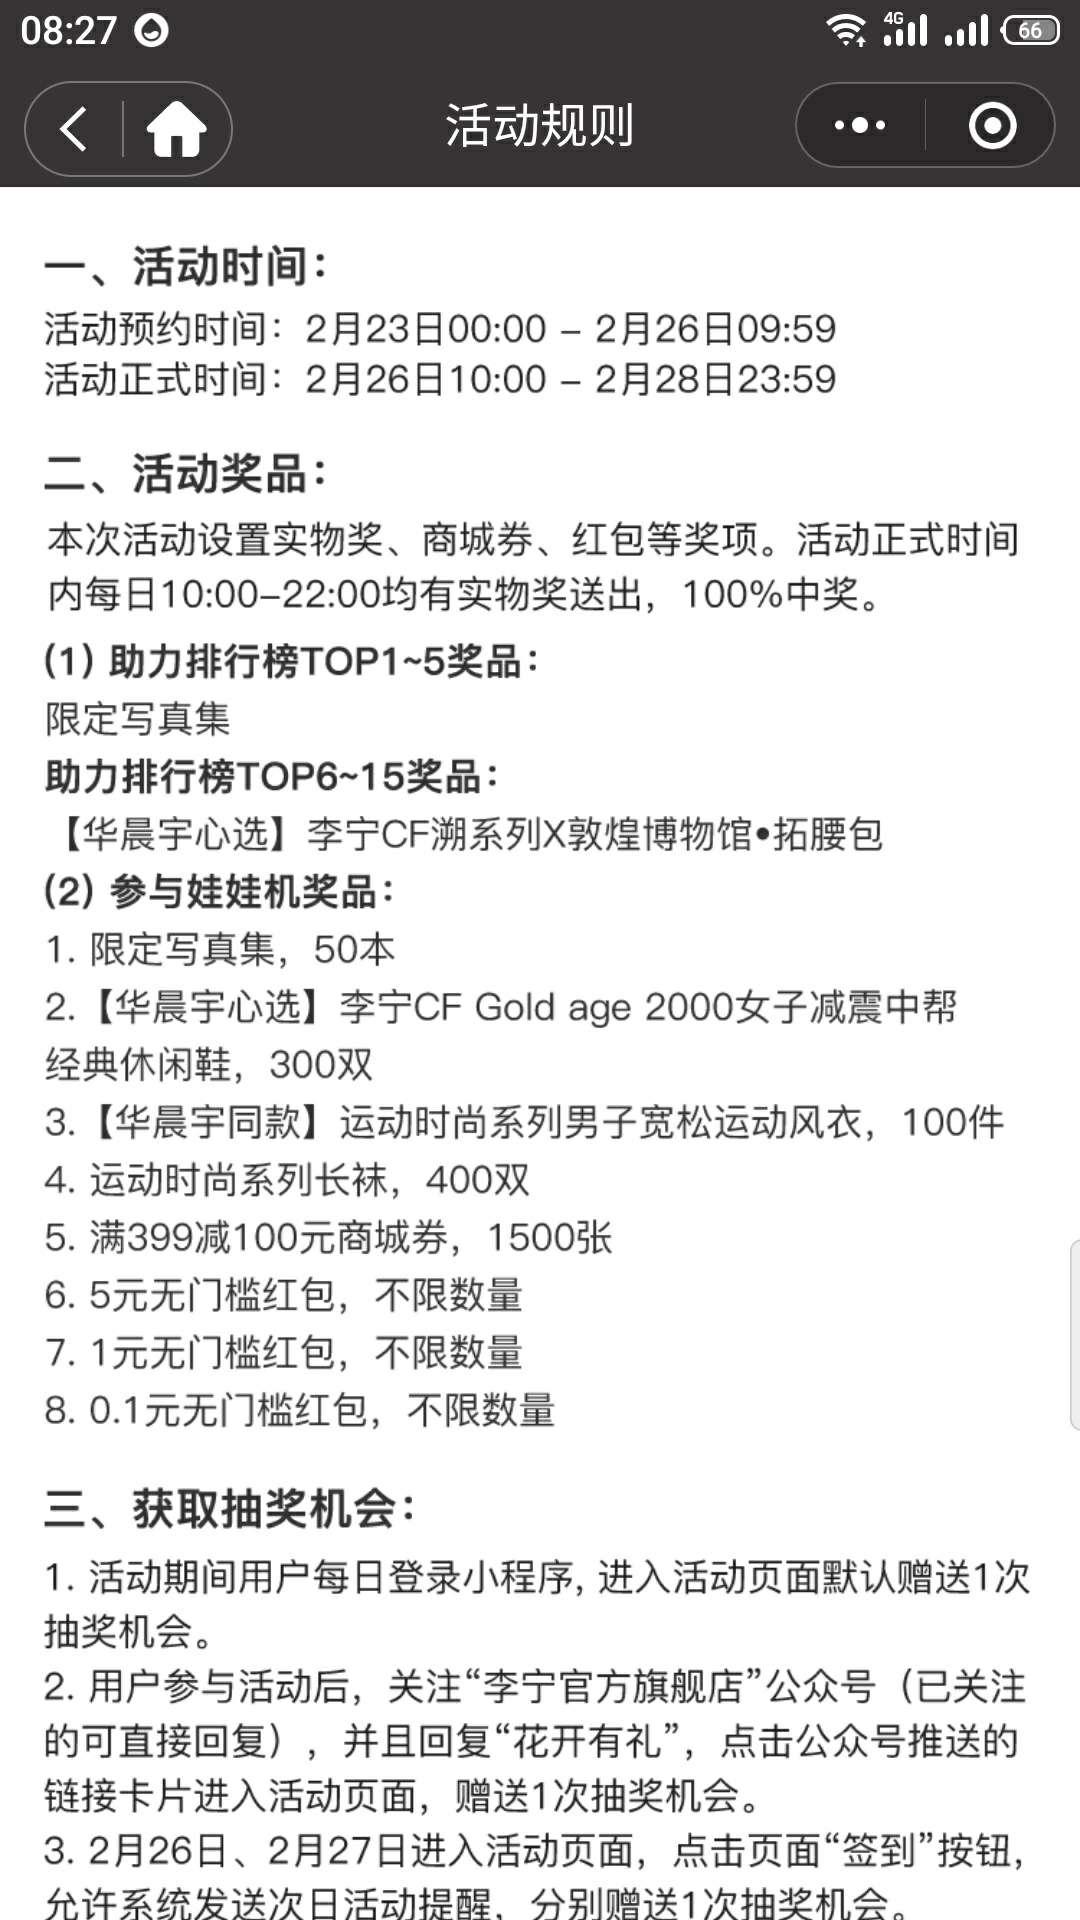 李宁官方旗舰店小程序概率抽实物插图5